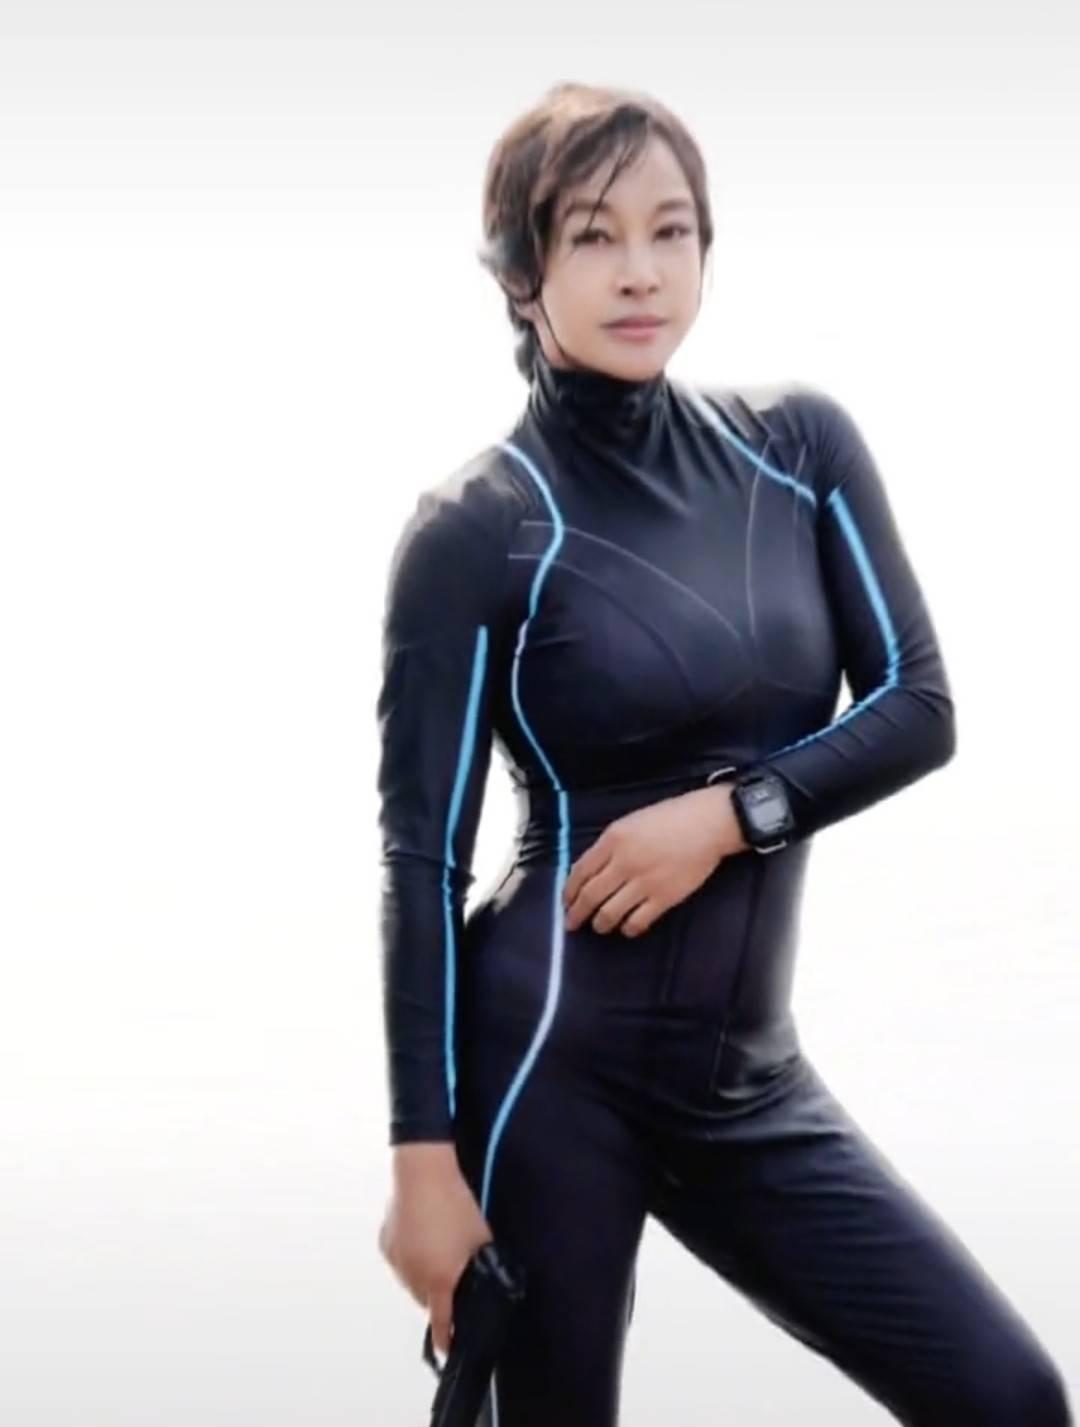 刘晓庆晒泳装训练照,65岁身材傲人似少女,近日回乡挑墓地引围观